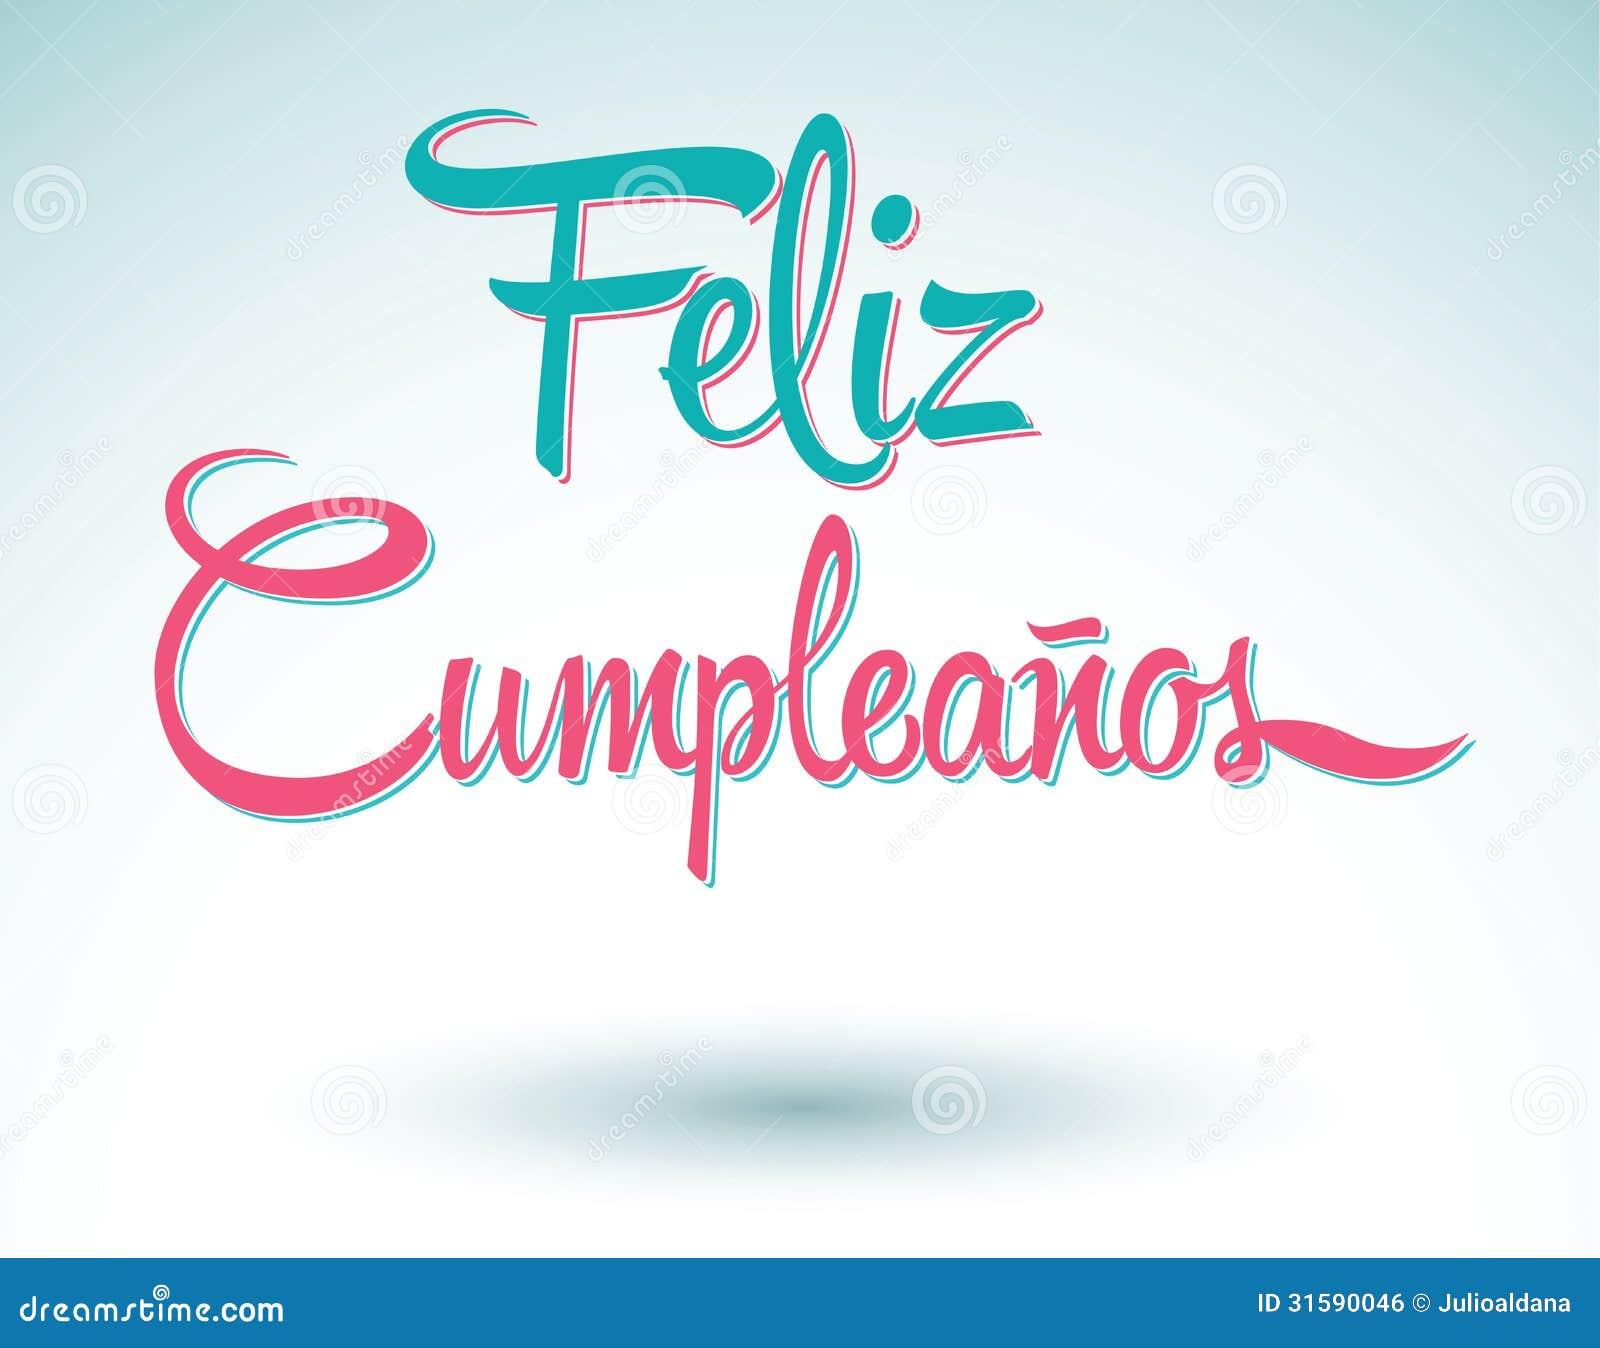 Cumpleanos Feliz Alles Gute Zum Geburtstag Auf Spanisch Stockfoto